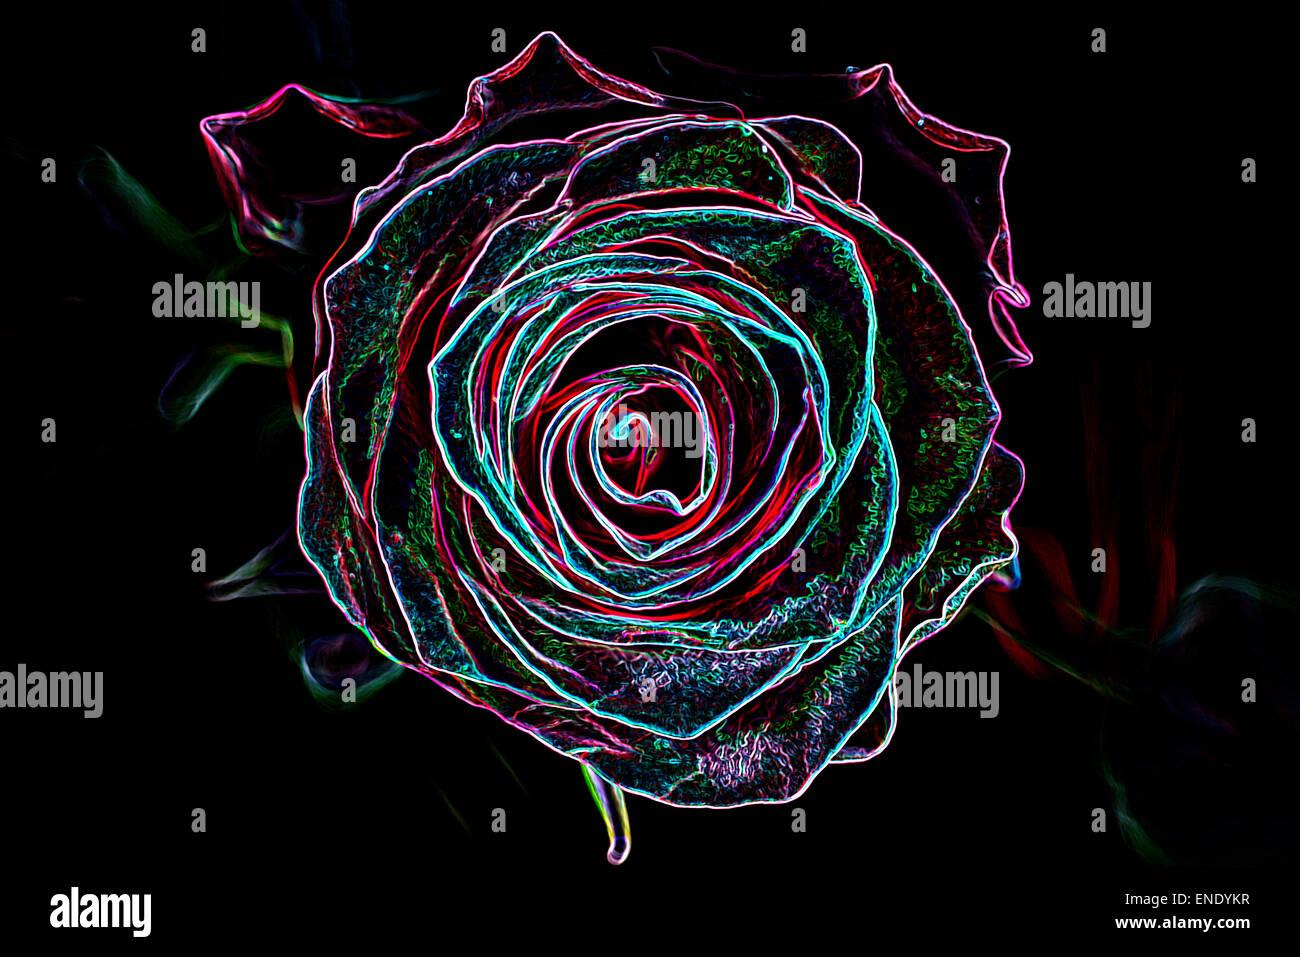 Sfondo astratto fatto di fiori di rose, incandescente neon stile. Immagini Stock